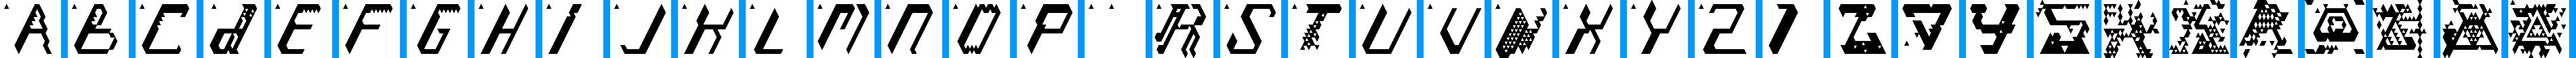 Particip-a-type v.267